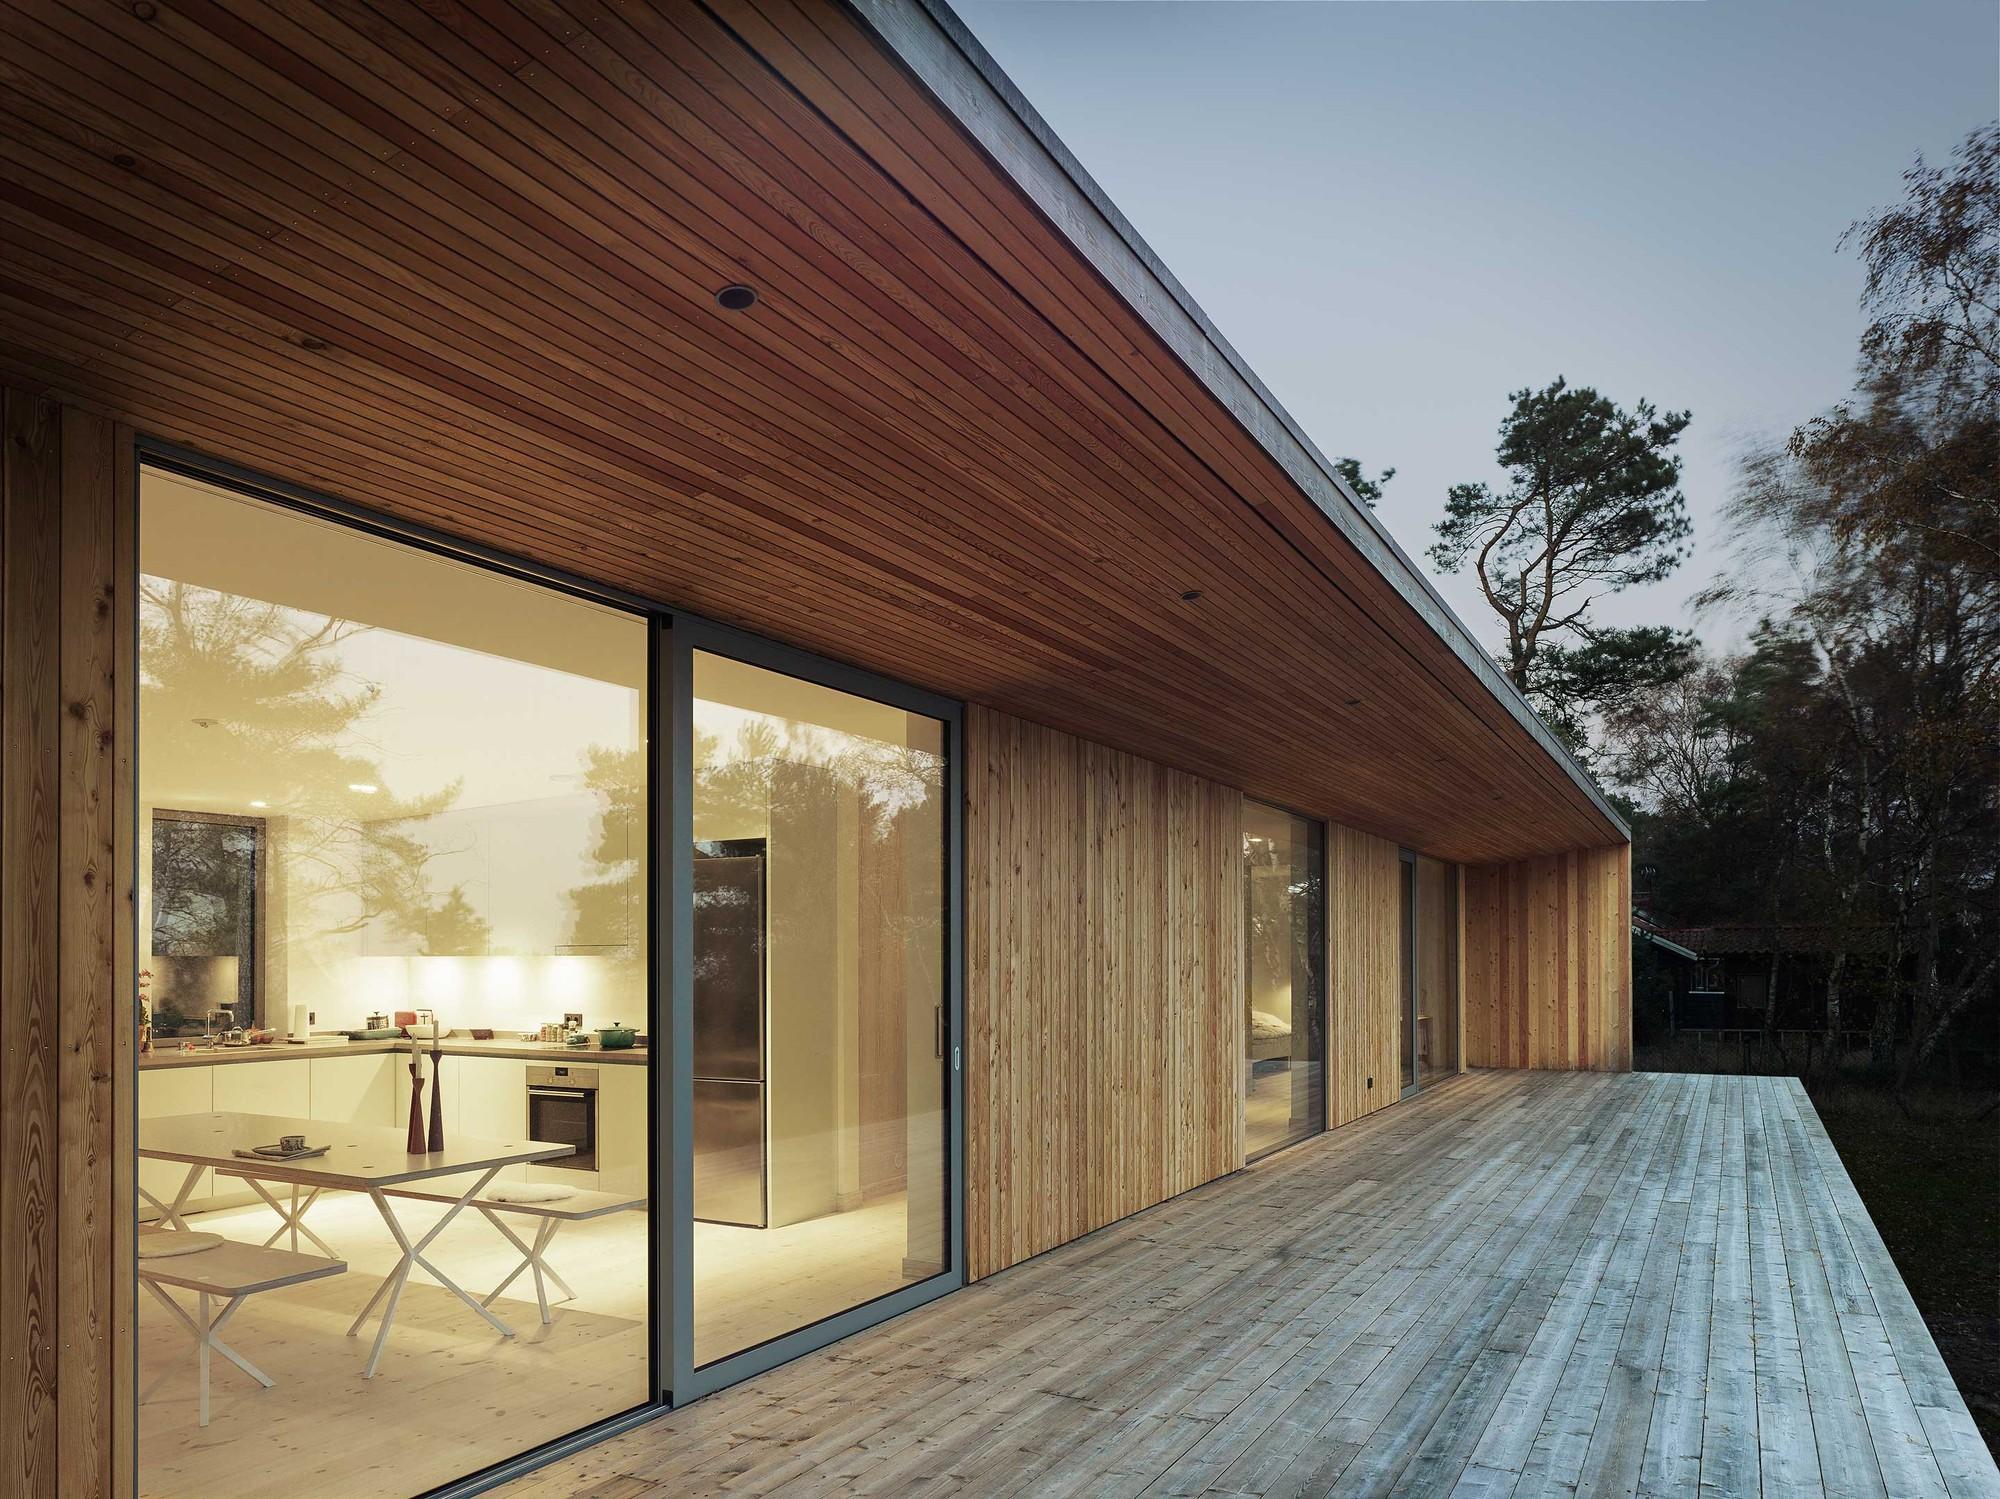 Casa de Verão Akenine / Johan Sundberg, © Peo Olsson